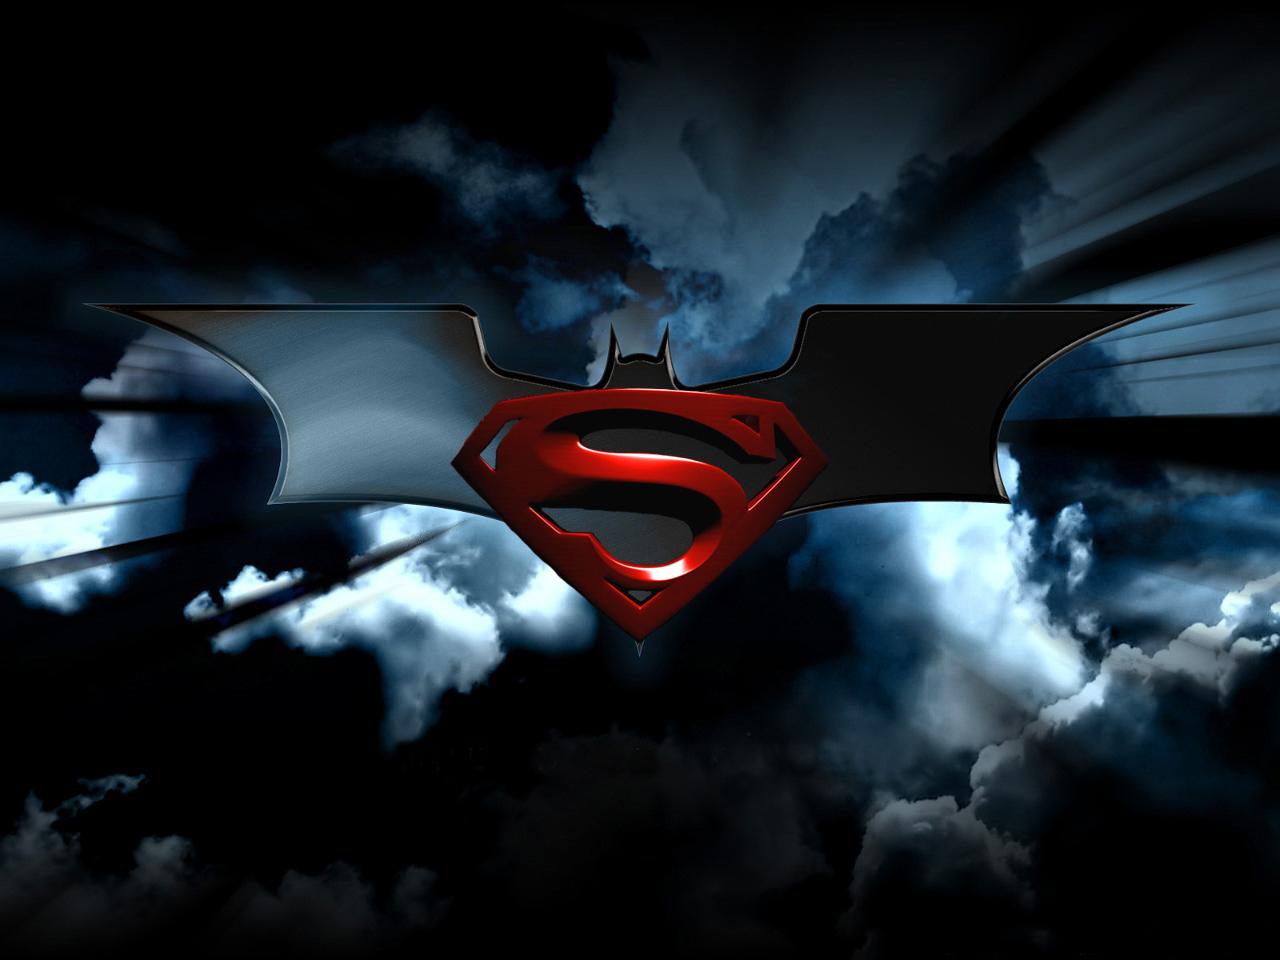 batman superman logo 2 by brcohen 1280x960